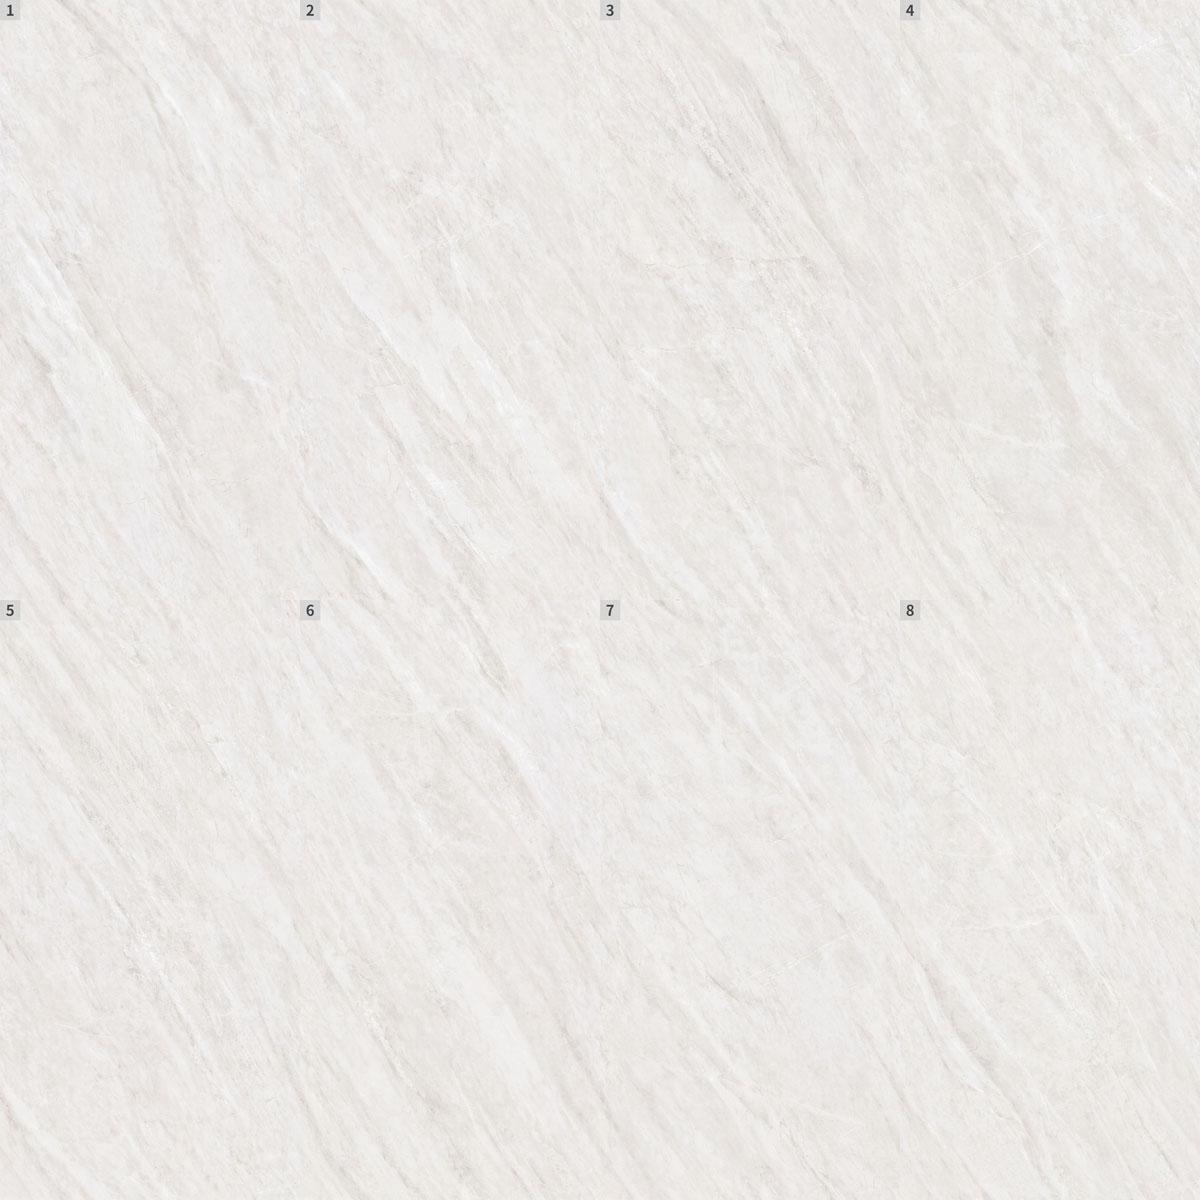 フィオールディペスコカルニコグレーの大理石タイル